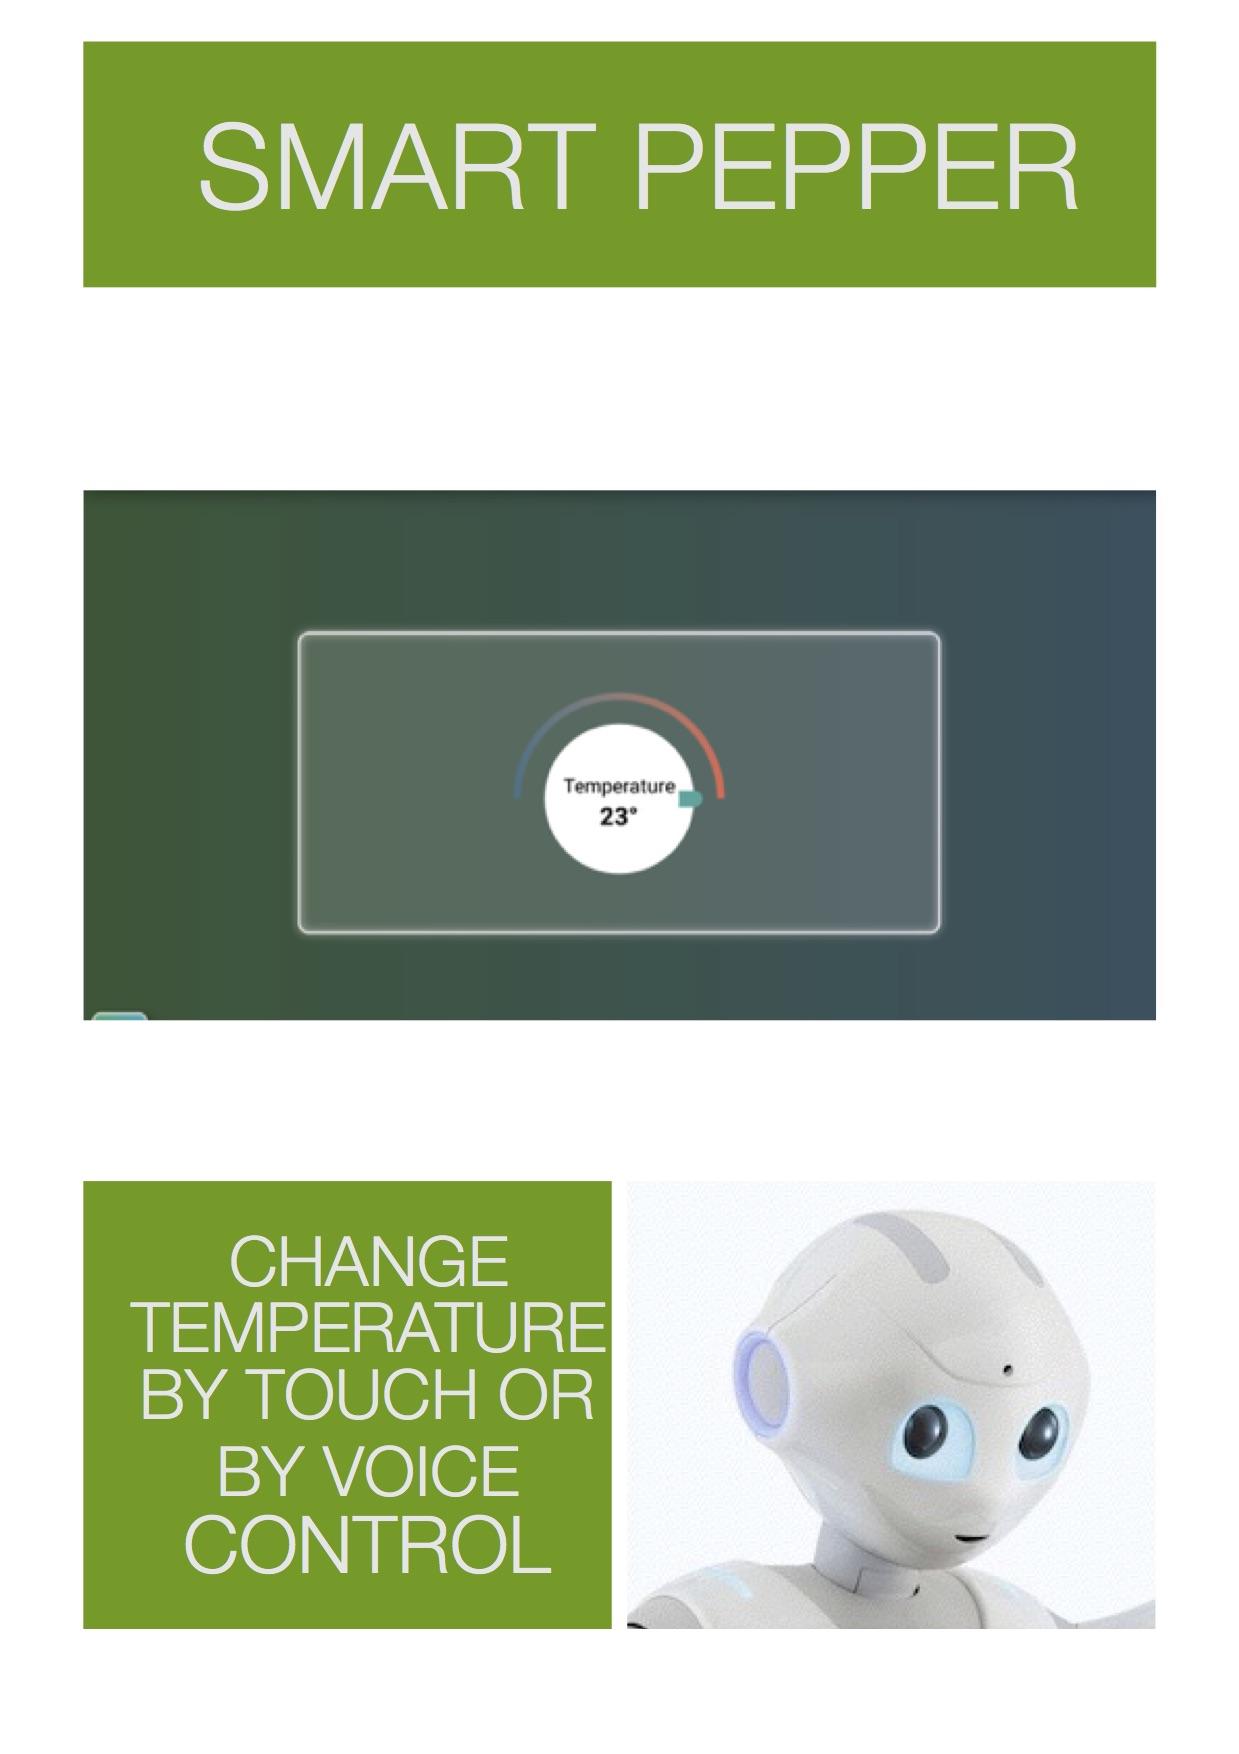 Smart Pepper9.jpg